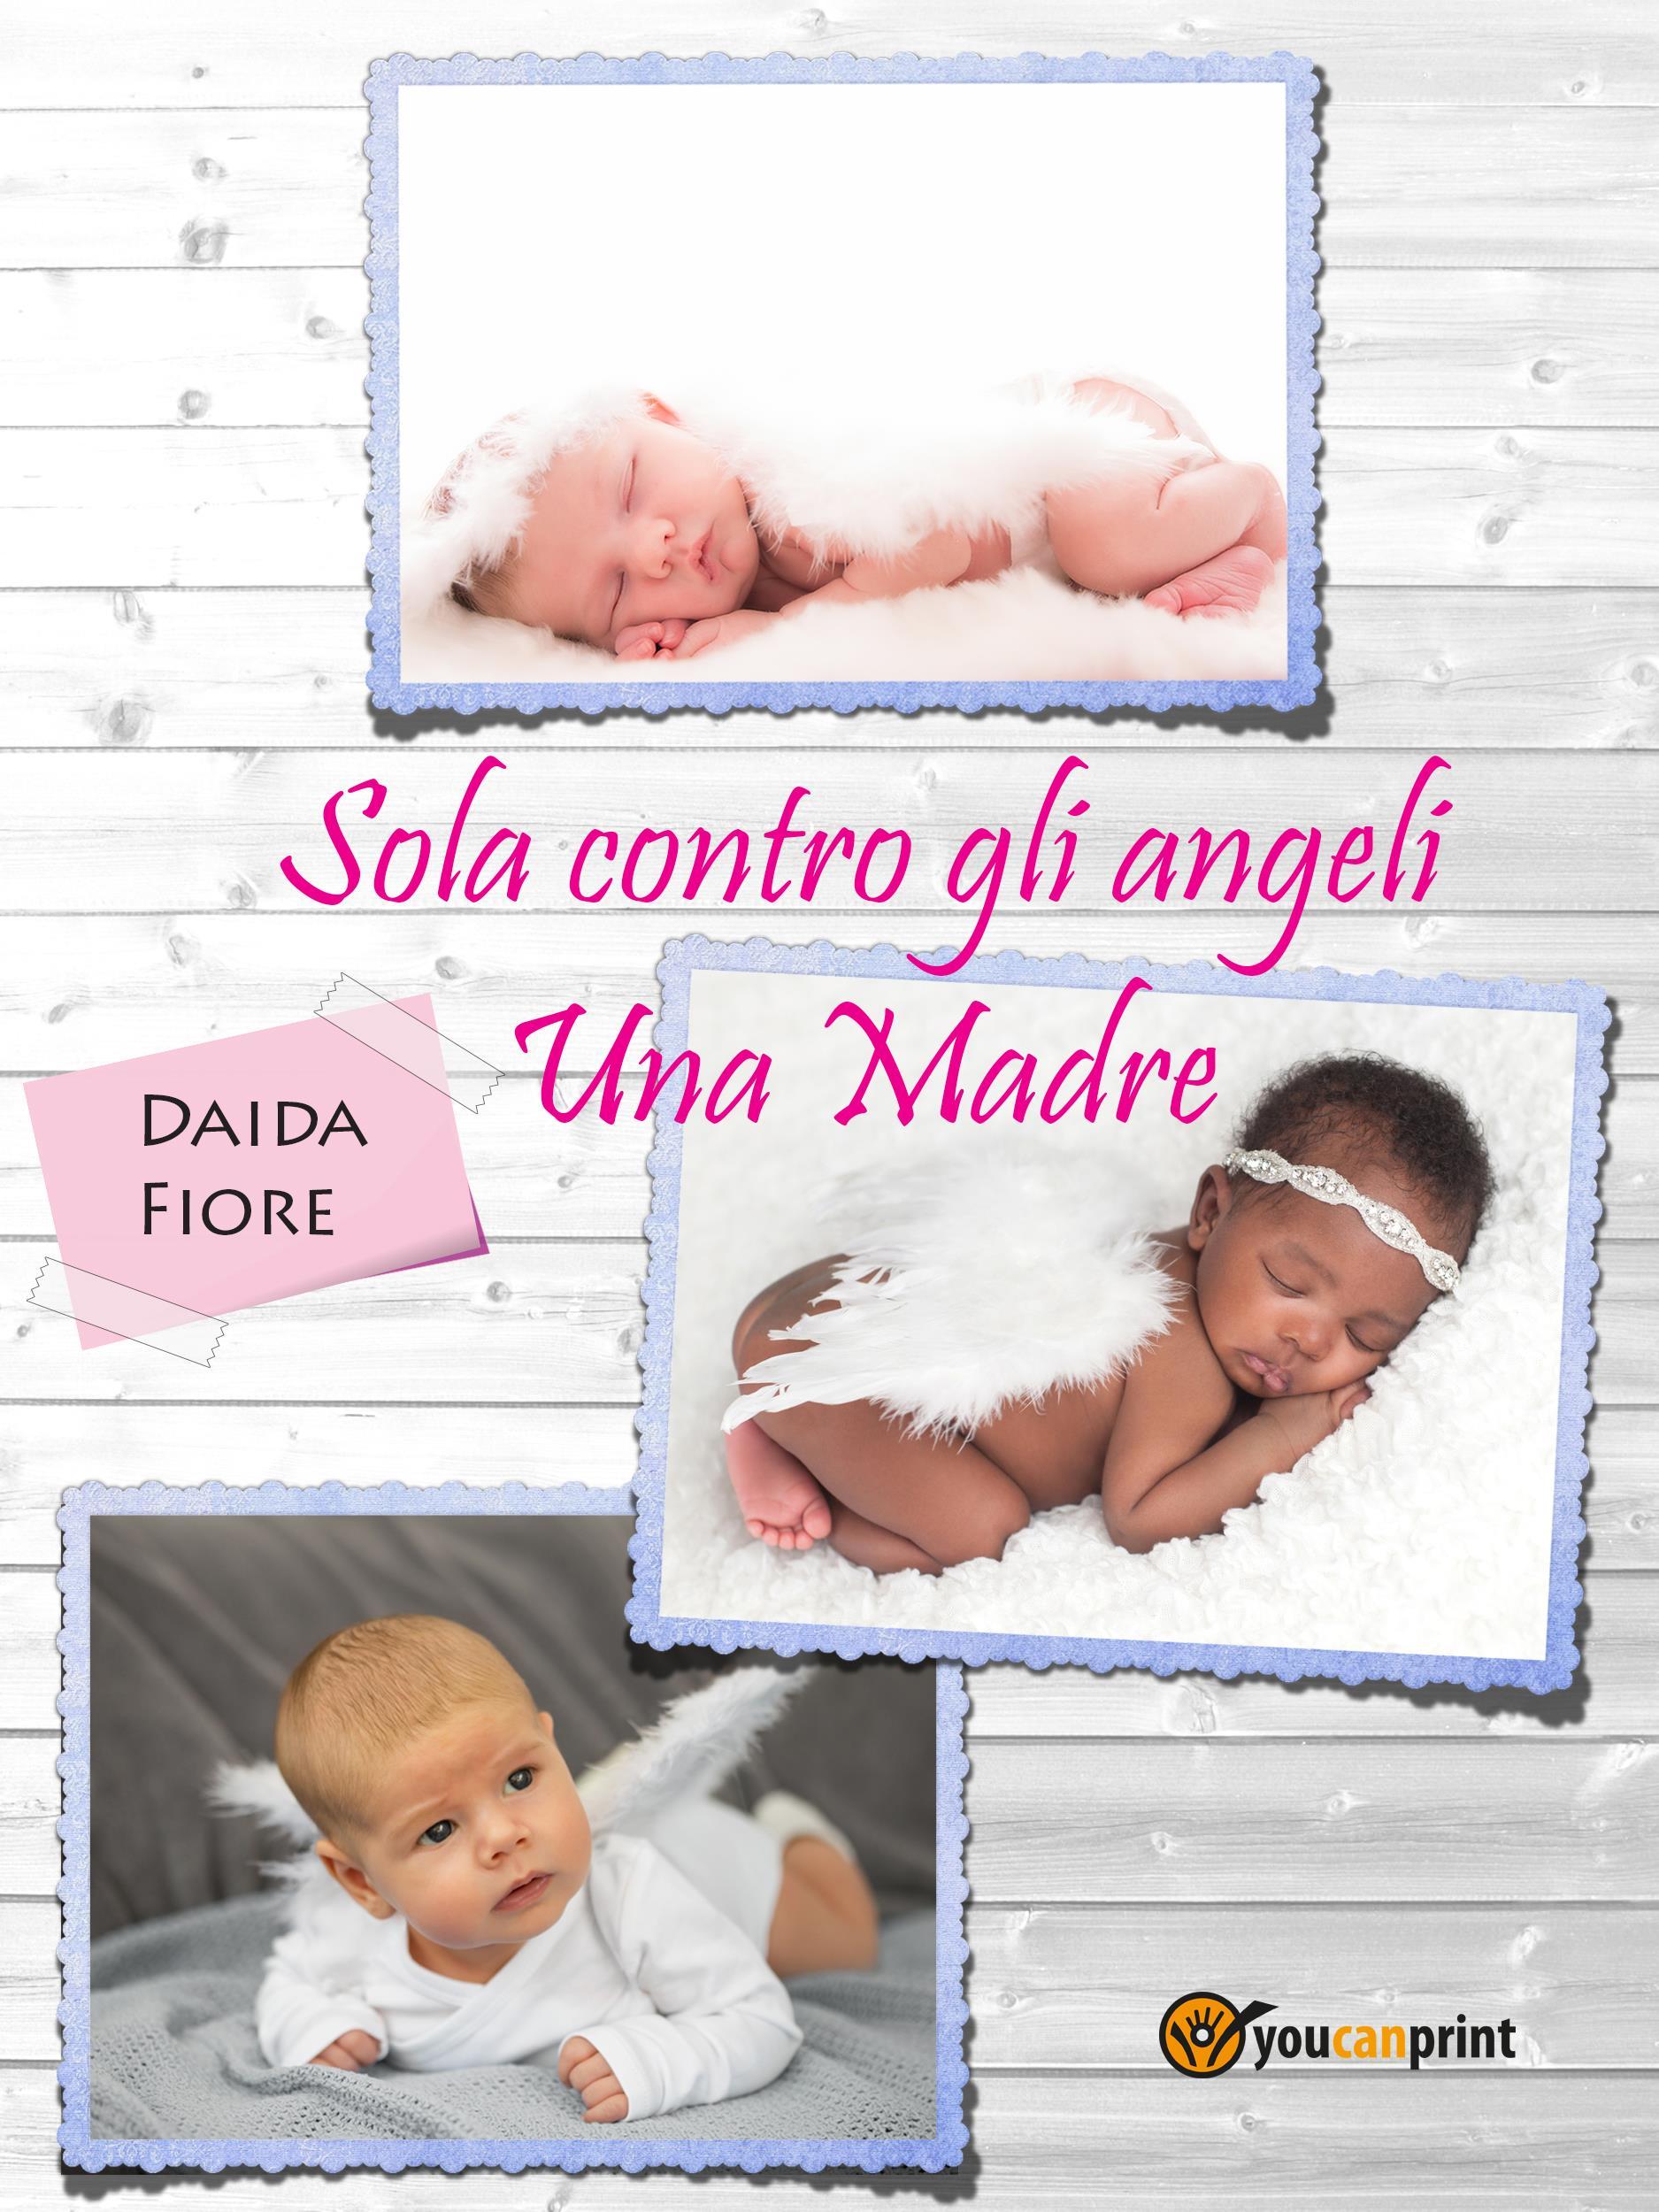 Sola contro gli angeli - Una Madre